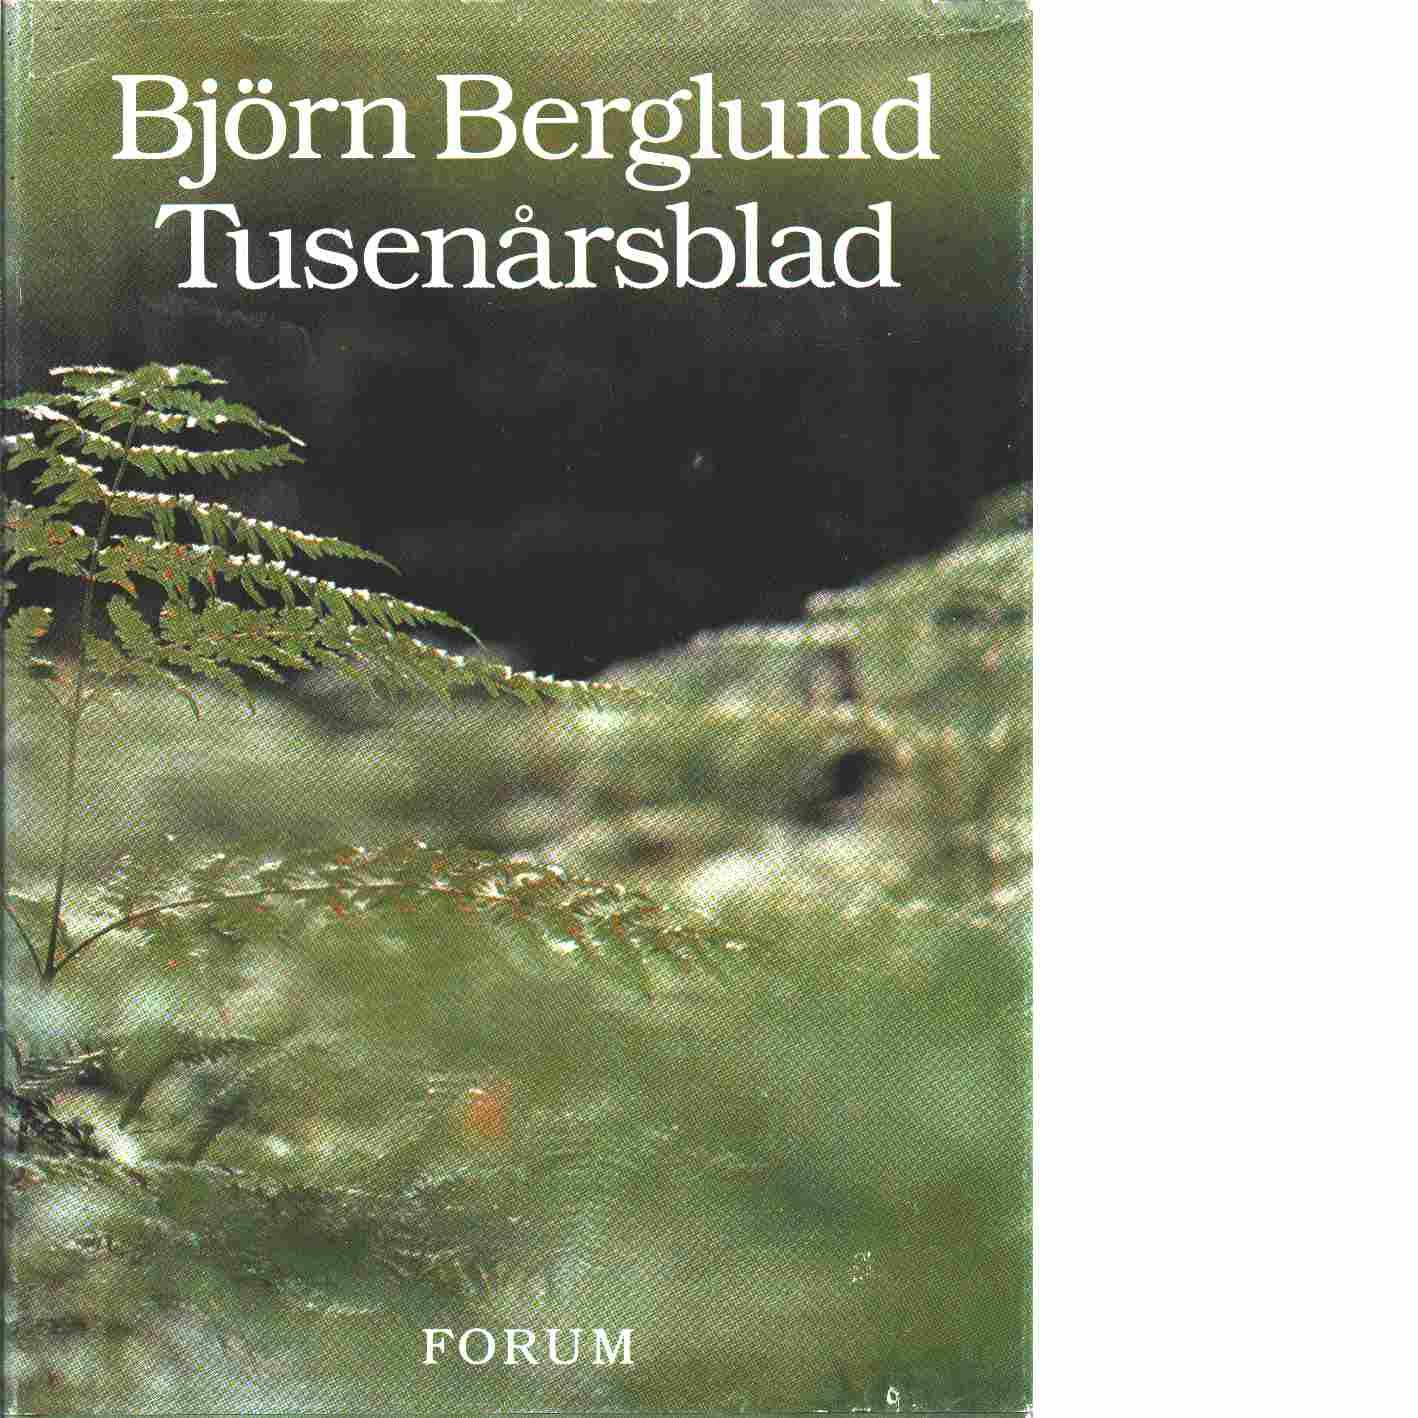 Tusenårsblad - Berglund, Björn